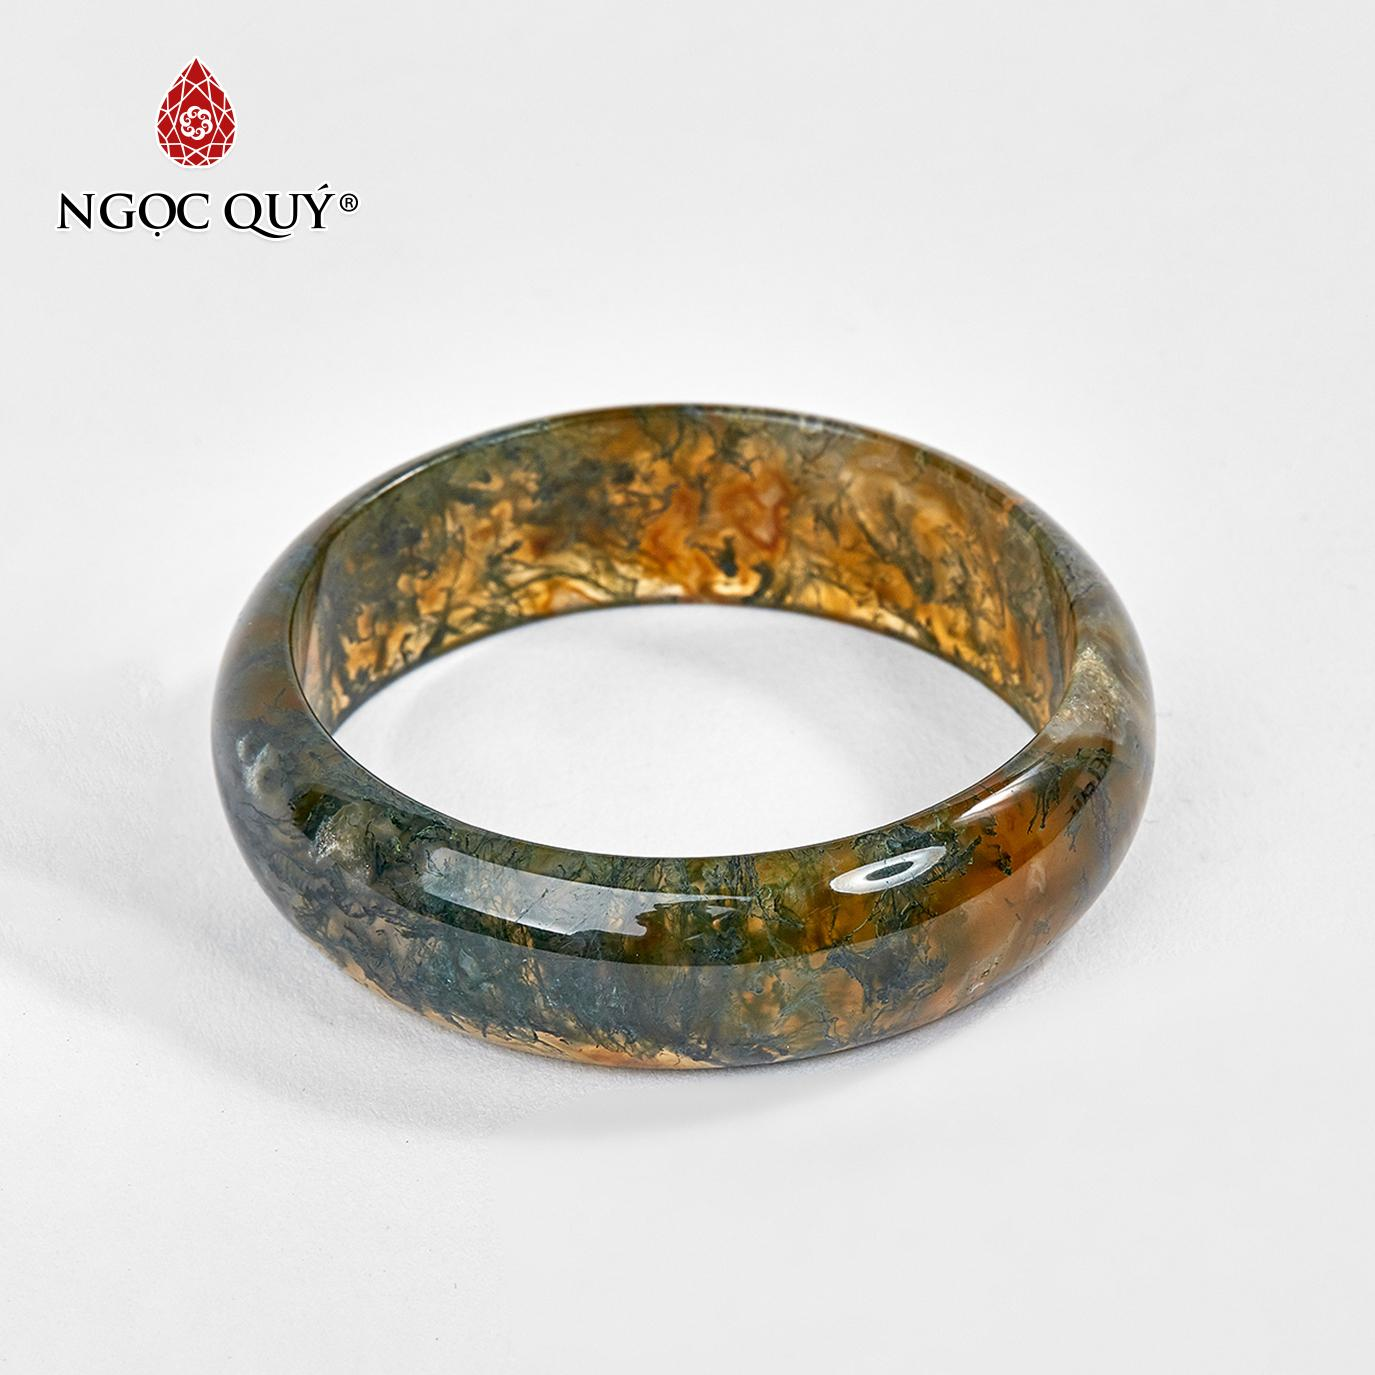 Vòng tay đá băng ngọc thủy tảo huyết mệnh hỏa,thổ (màu xanh rêu) - Ngọc Quý Gemstones